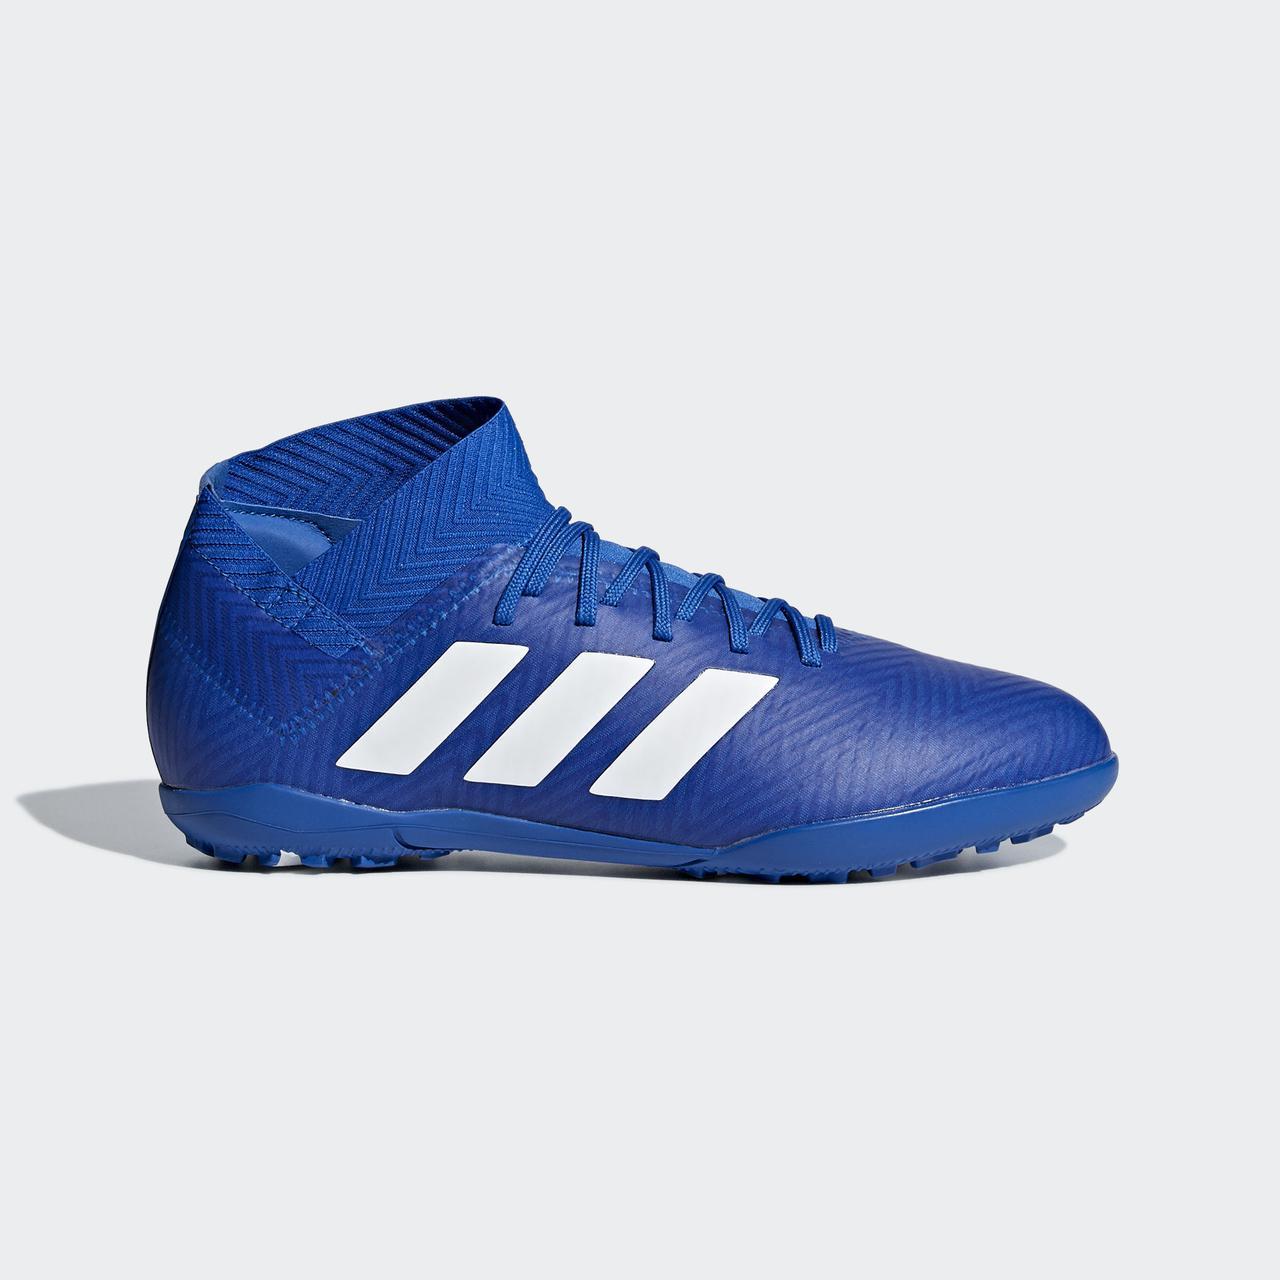 644b5b84 Детские футбольные бутсы Adidas Performance Nemeziz Tango 18.3 TF (Артикул:  DB2378)